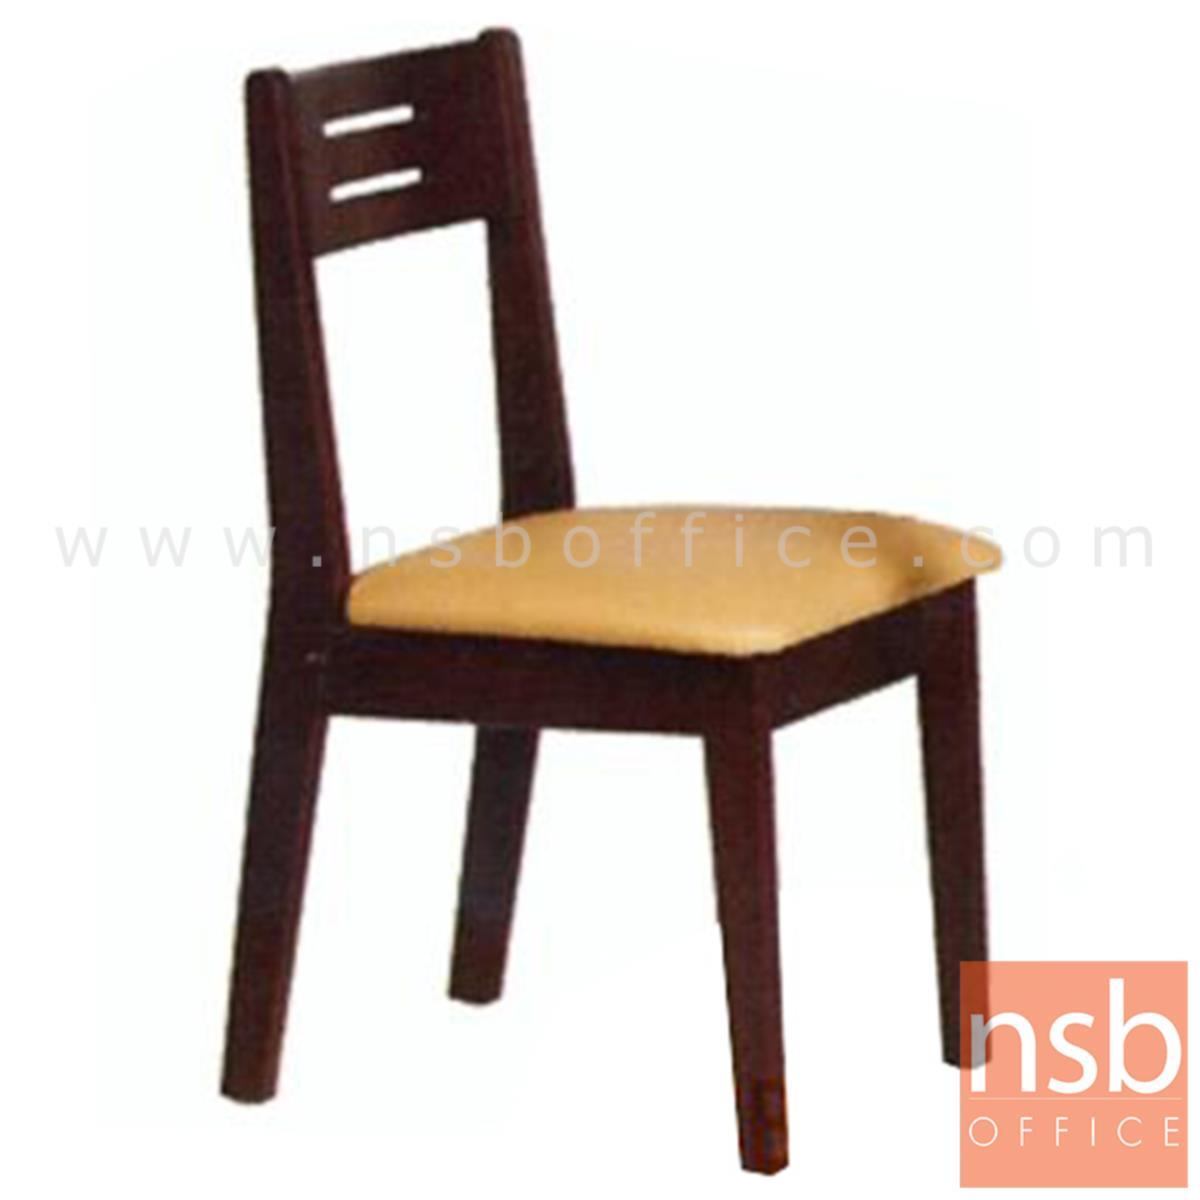 G14A046:เก้าอี้ไม้ยางพาราที่นั่งหุ้มหนังเทียม รุ่น Cather (เคเธอร์) ขาไม้